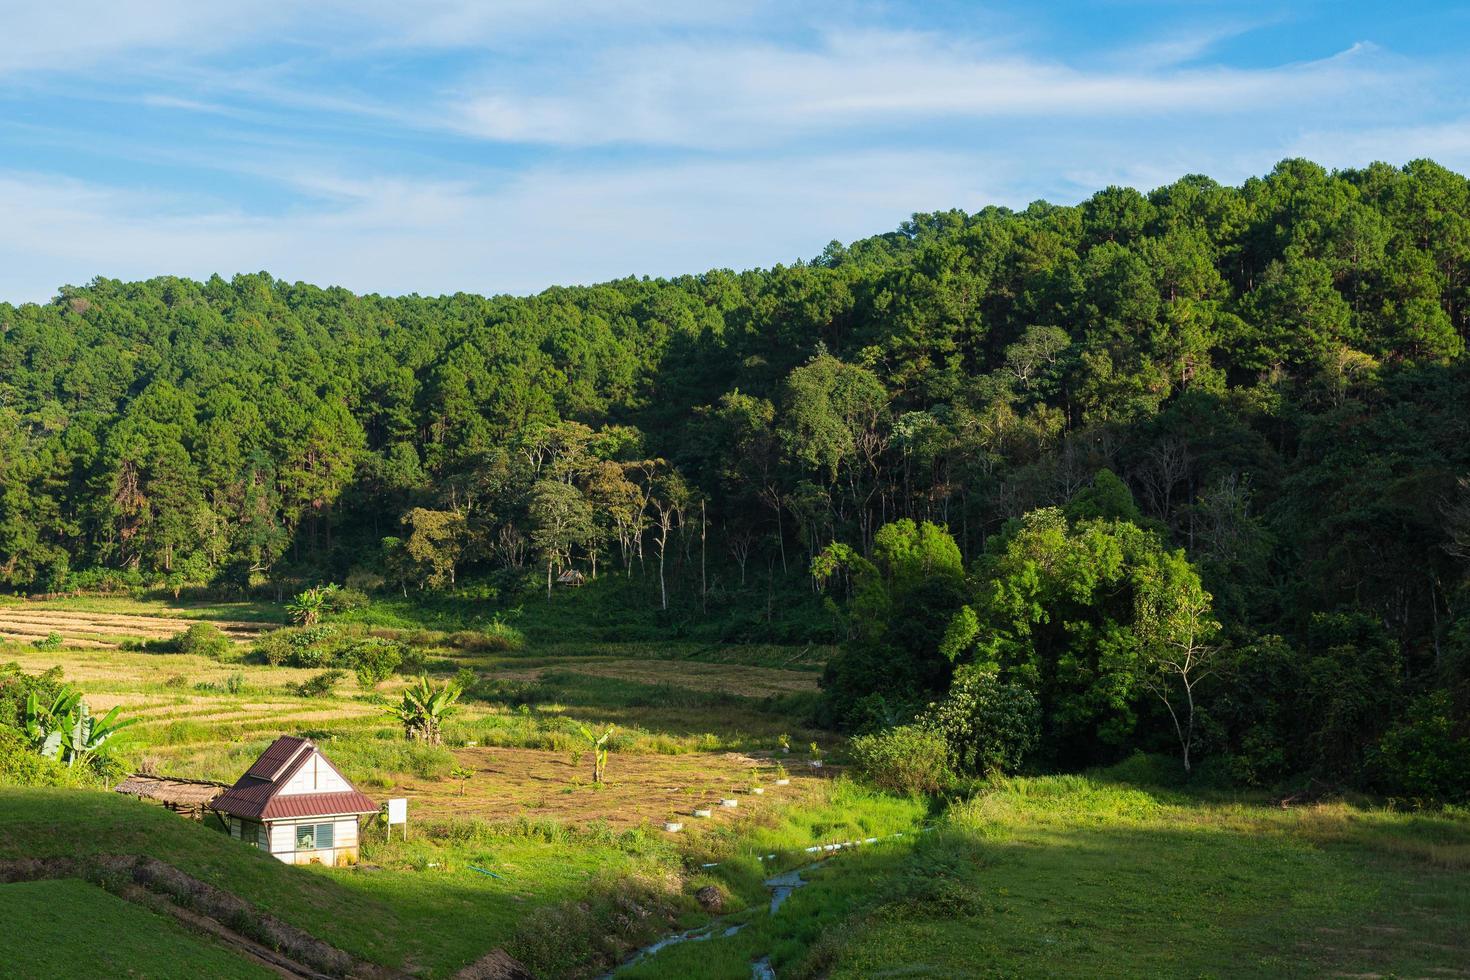 klein huis op het gazon in Thailand foto